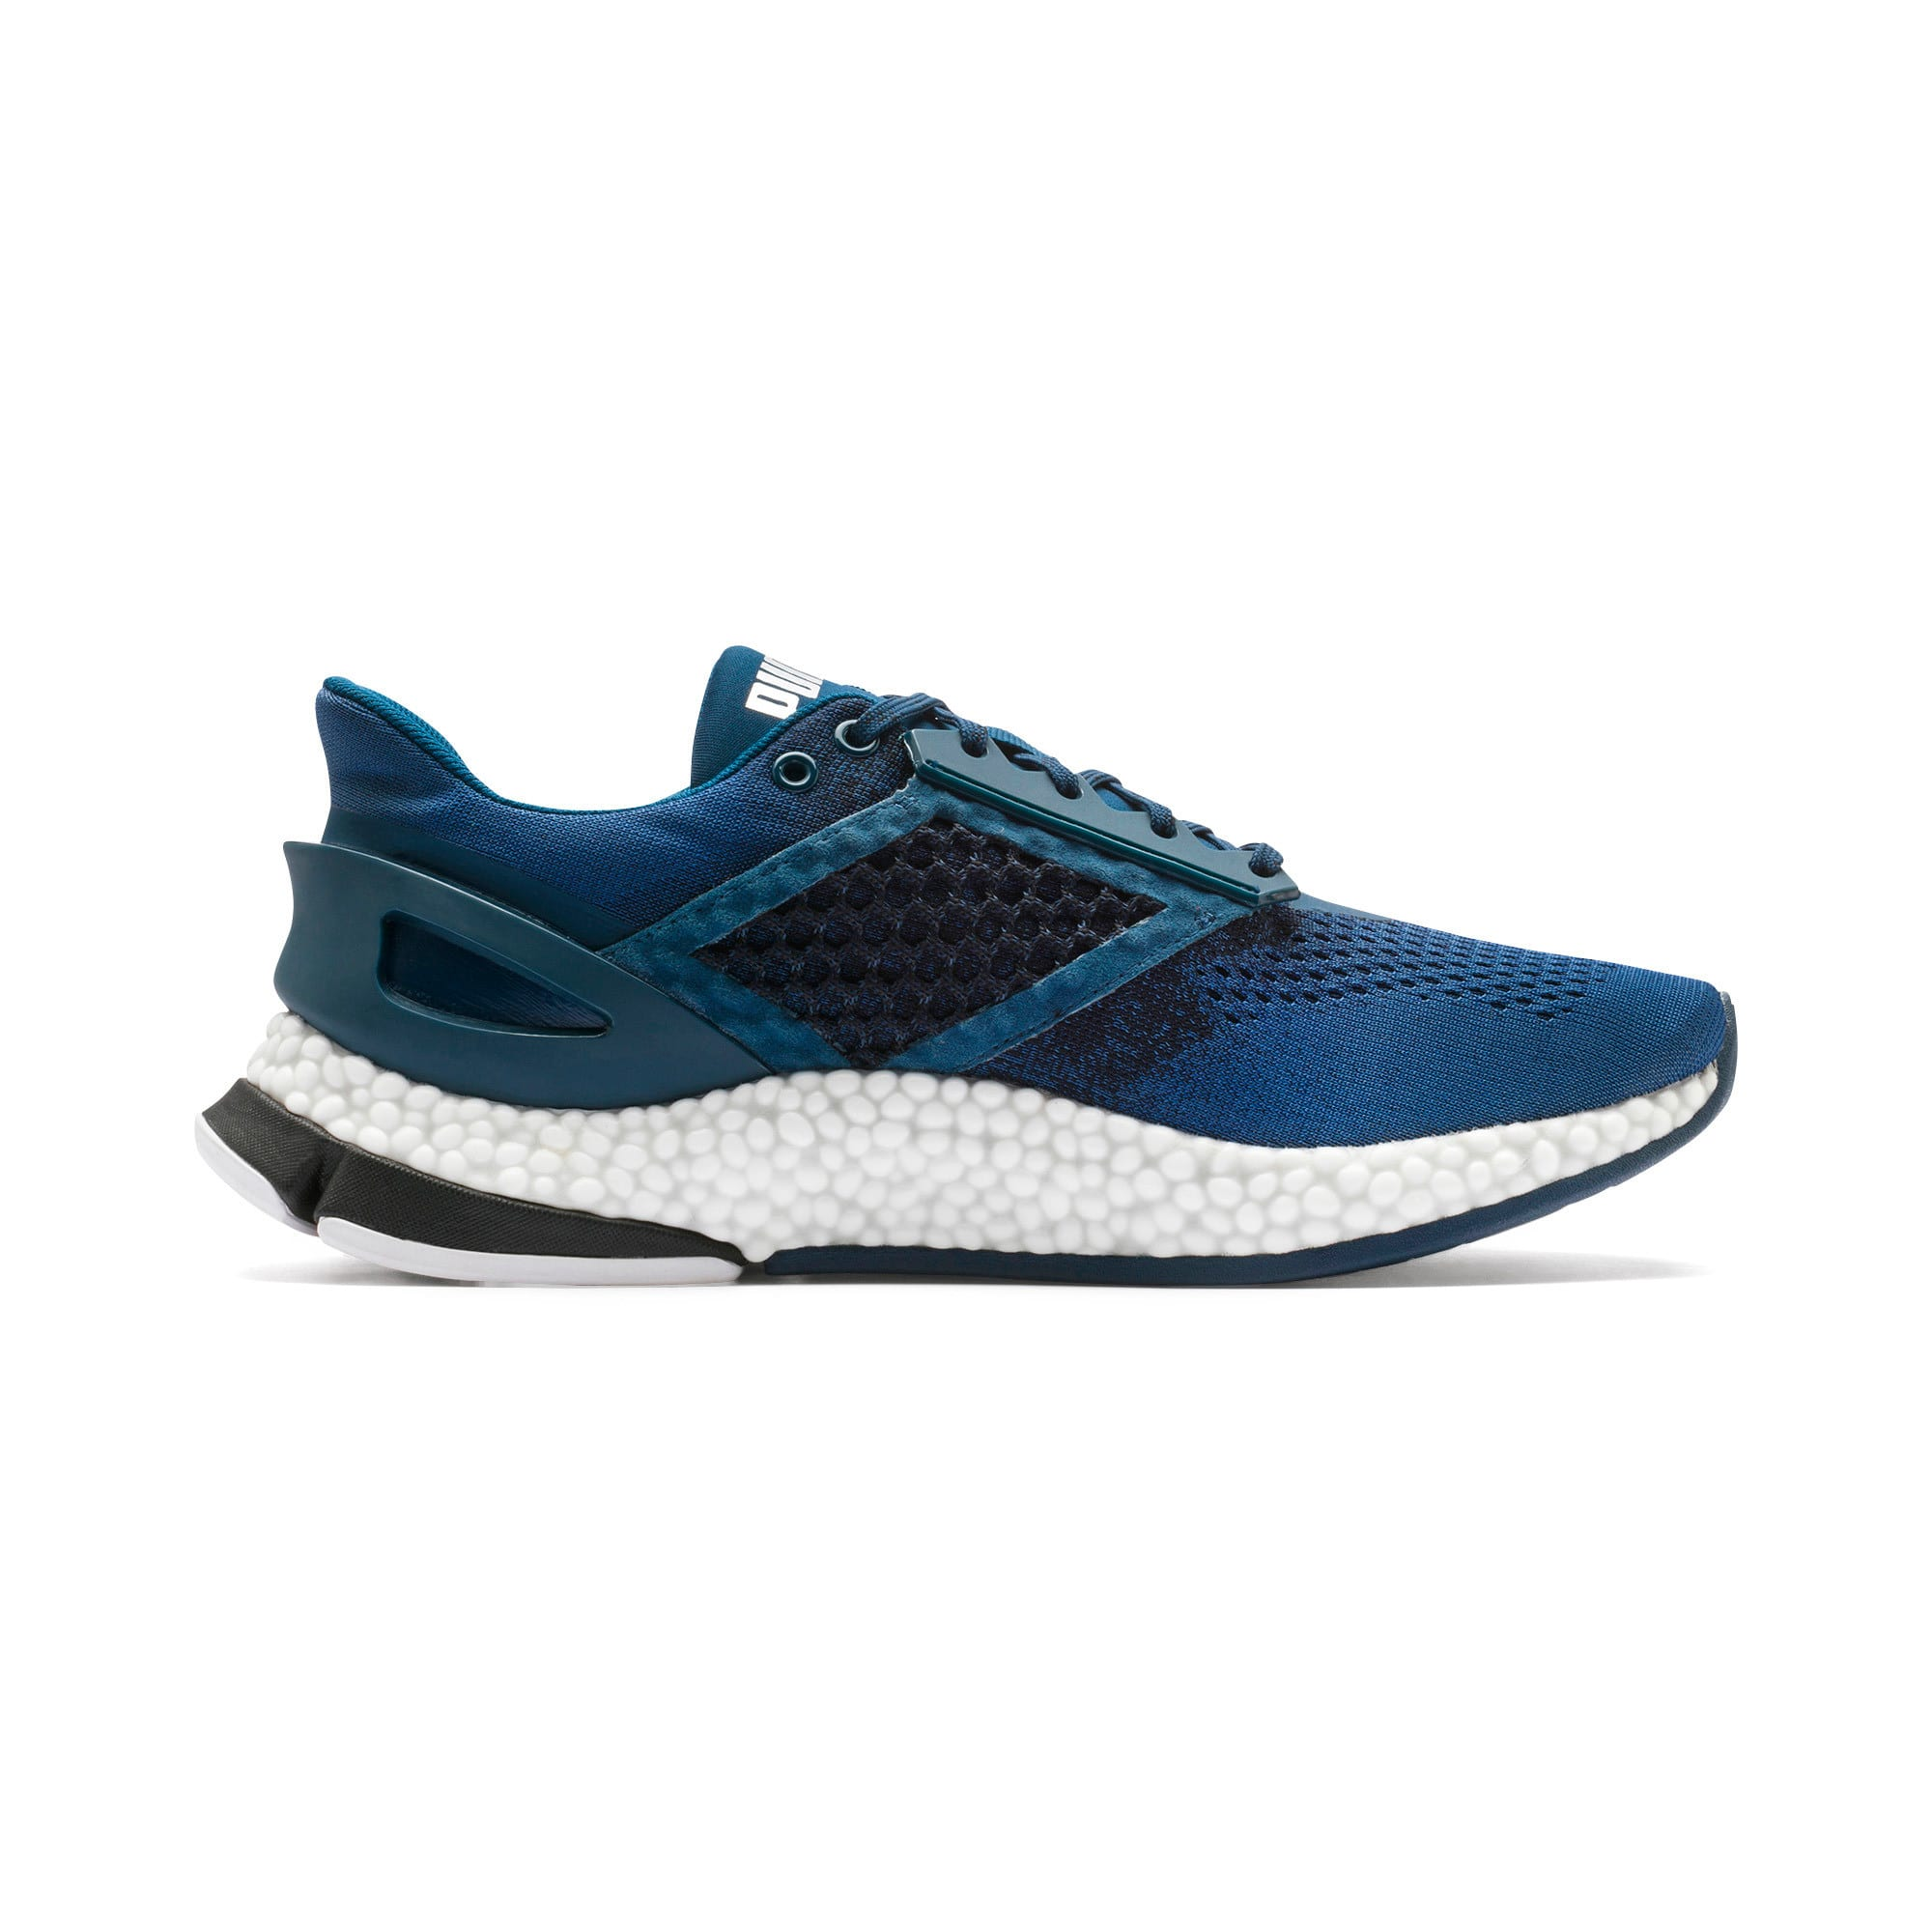 Thumbnail 7 of HYBRID Astro Men's Running Shoes, Black-Gibraltr Sea-Jaffa Org, medium